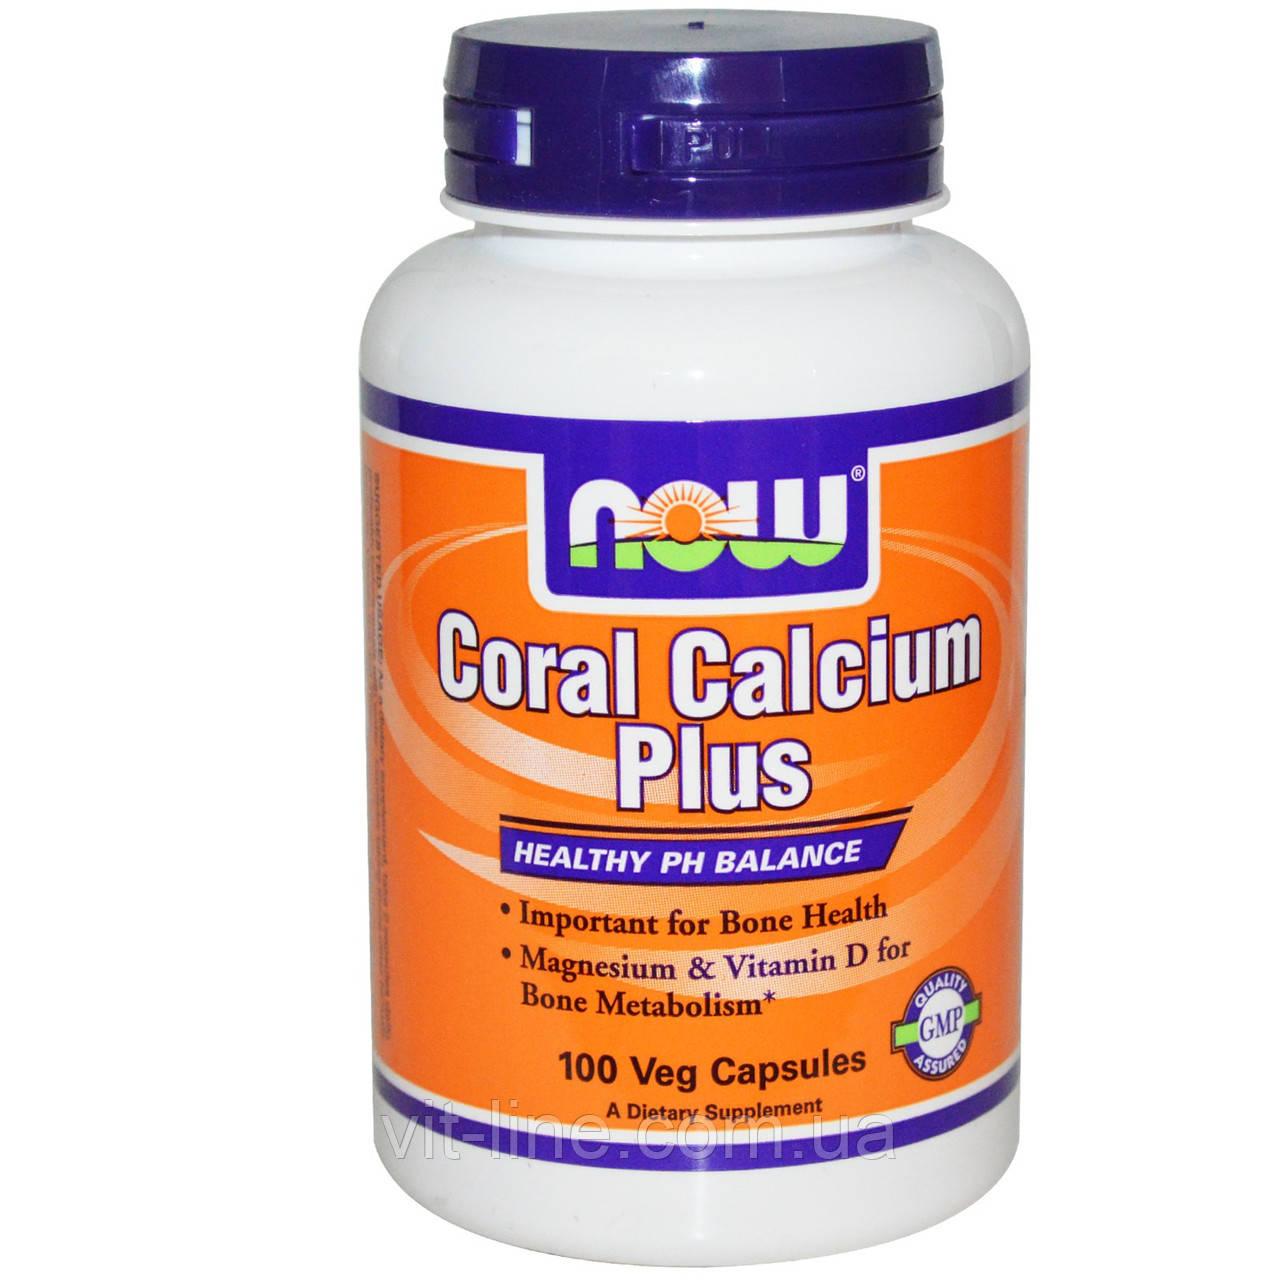 Кораловий кальцій Плюс, Now Foods,100 капсул у рослинній оболонці